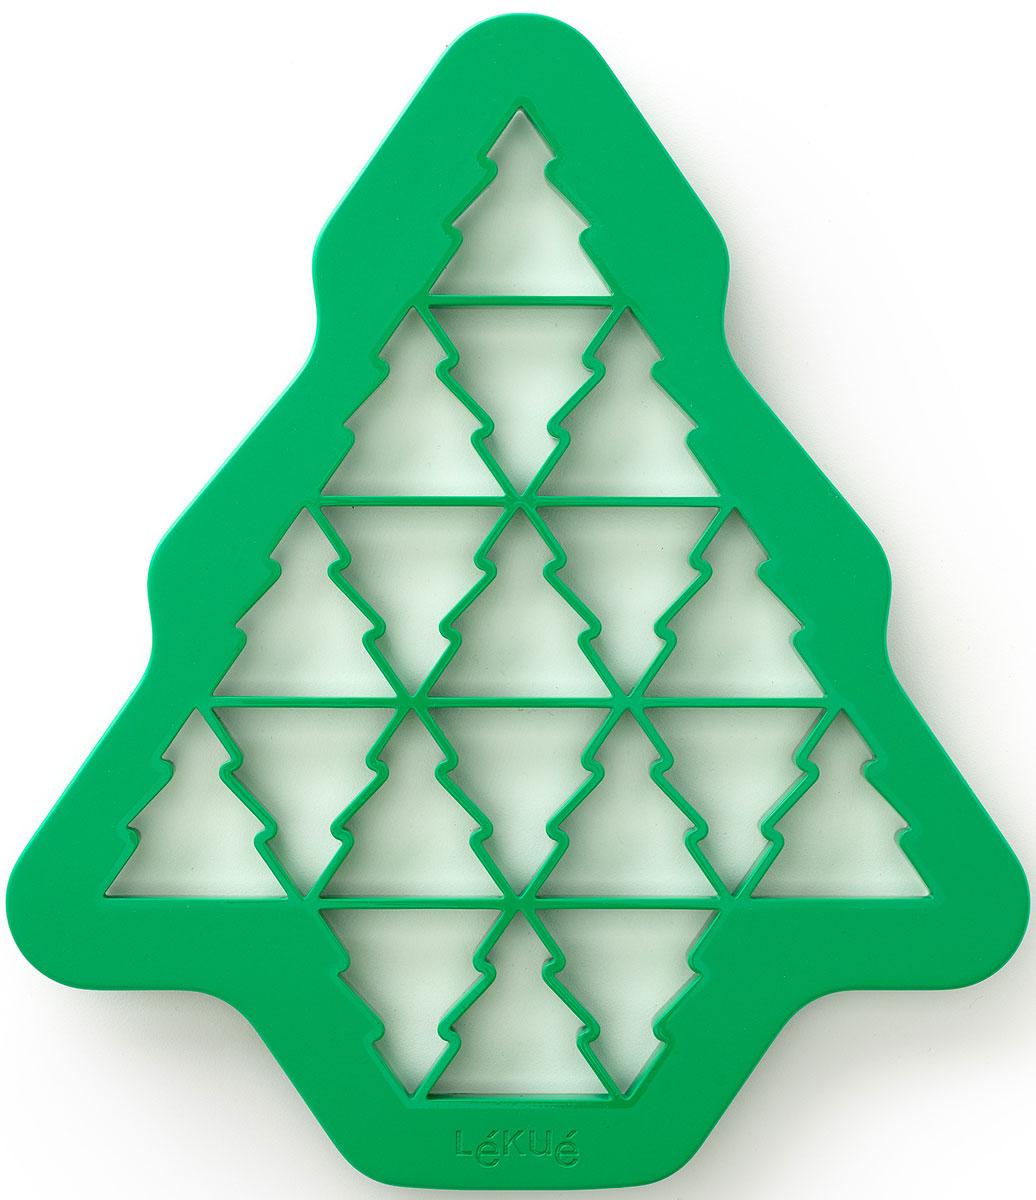 Форма для печенья Lekue Елочки, цвет: зеленыйFS-91909Откройте новый оригинальный способ приготовления печенья! Испеките 19 печений в форме елочки с помощью всего одного жеста. Набор включает в себя идеи для украшения ваших елочек!